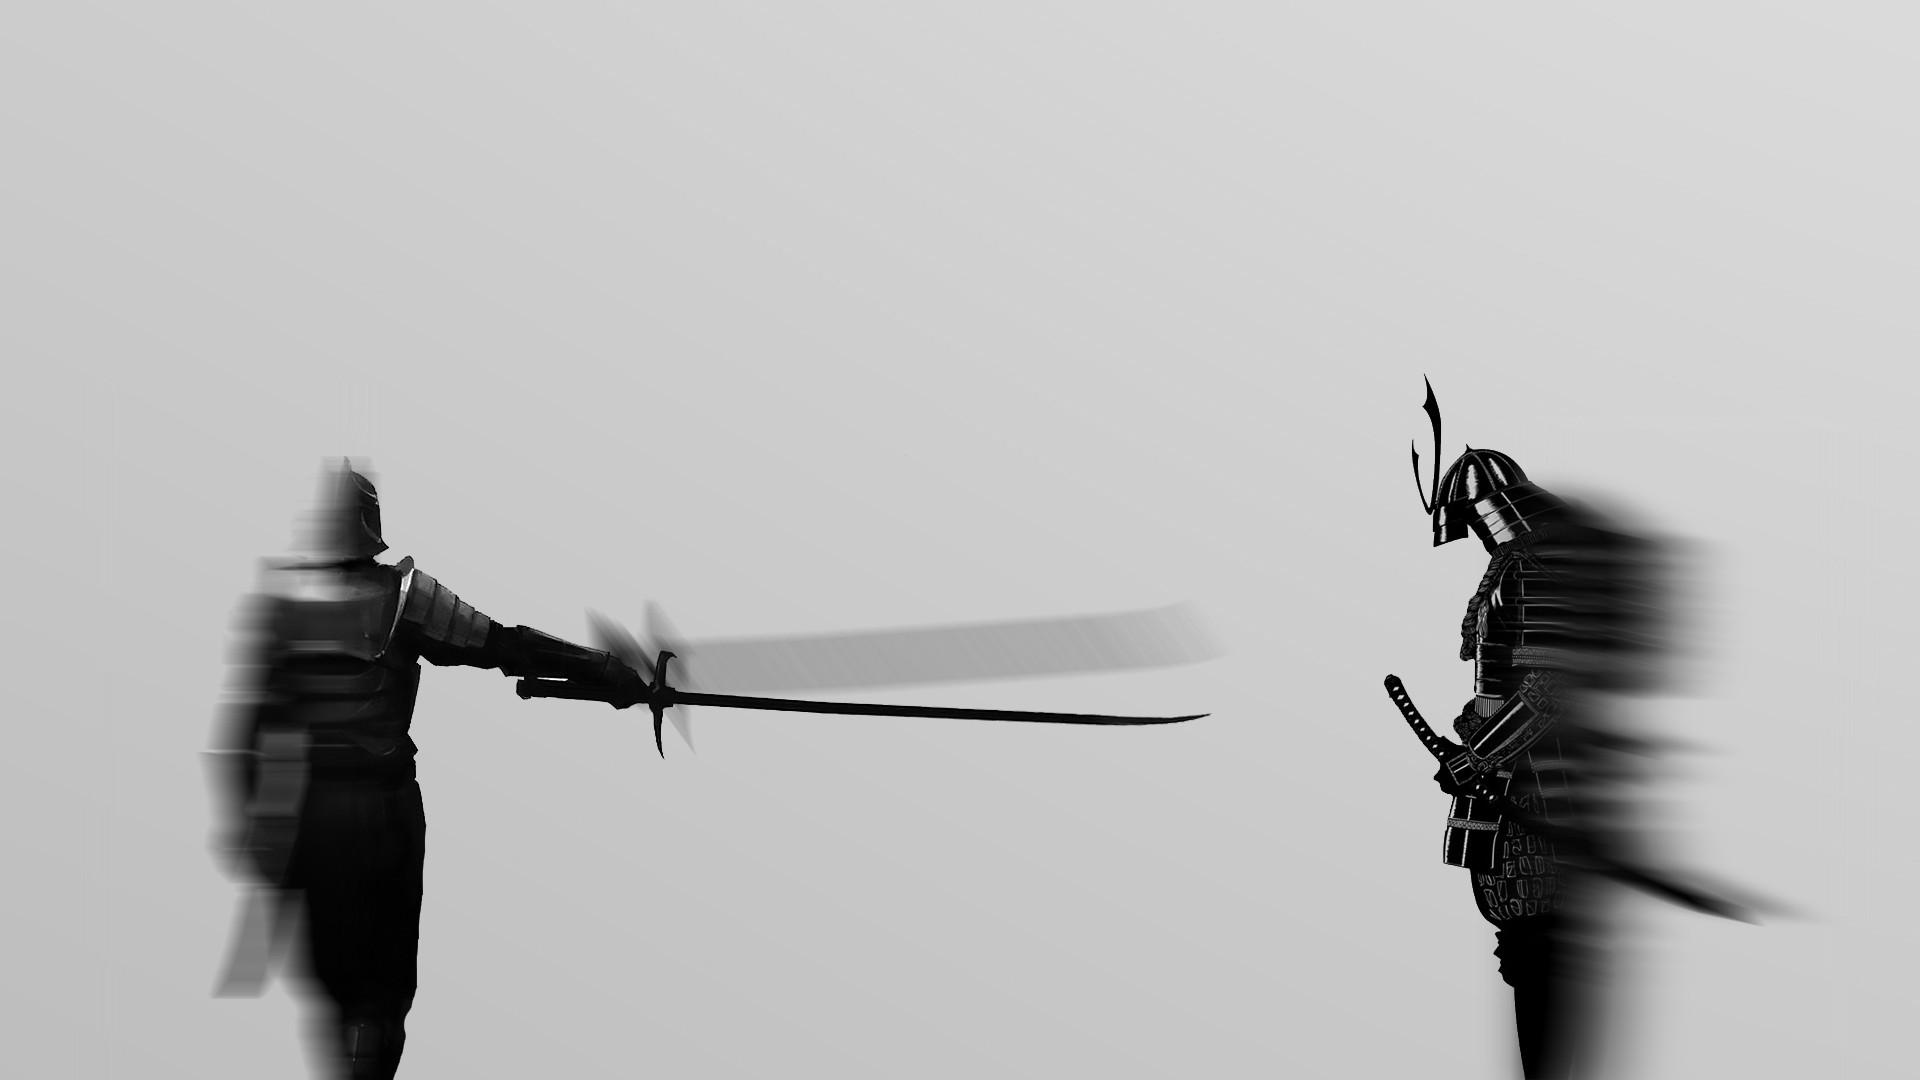 Download Samurai Wallpaper 47696